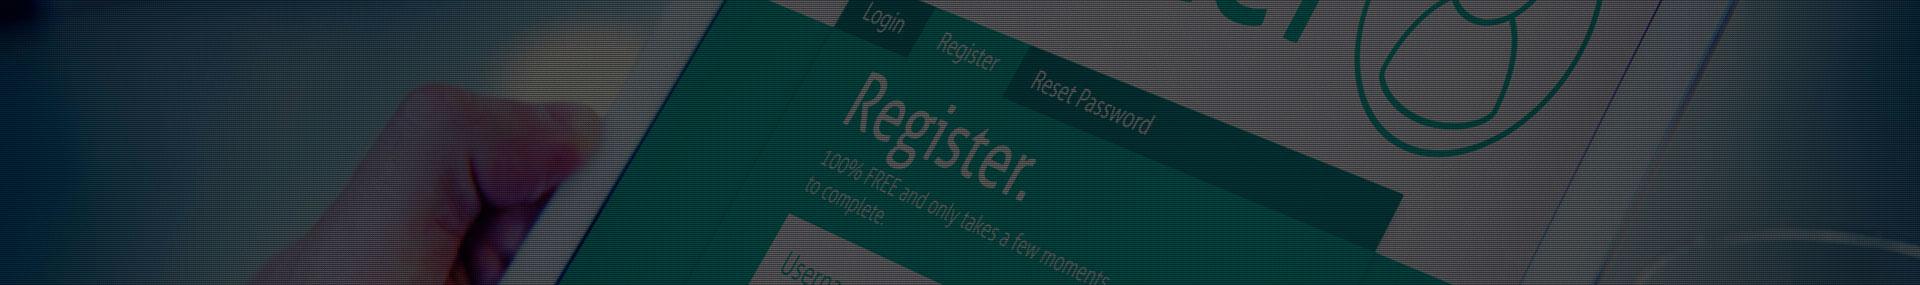 Online Registration Header Image